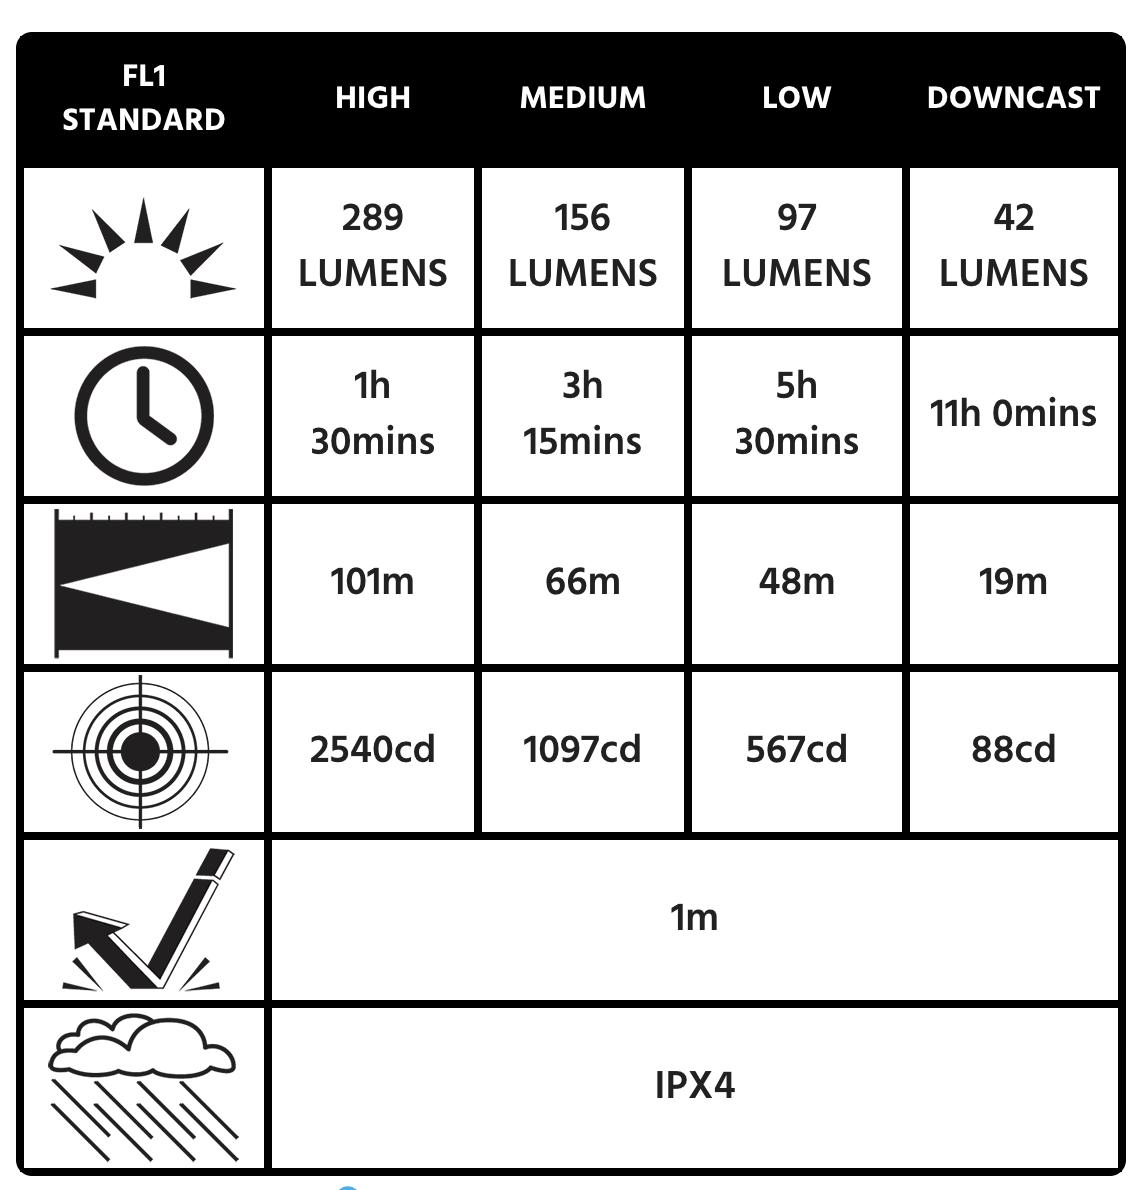 2760 Peli Headlight specs